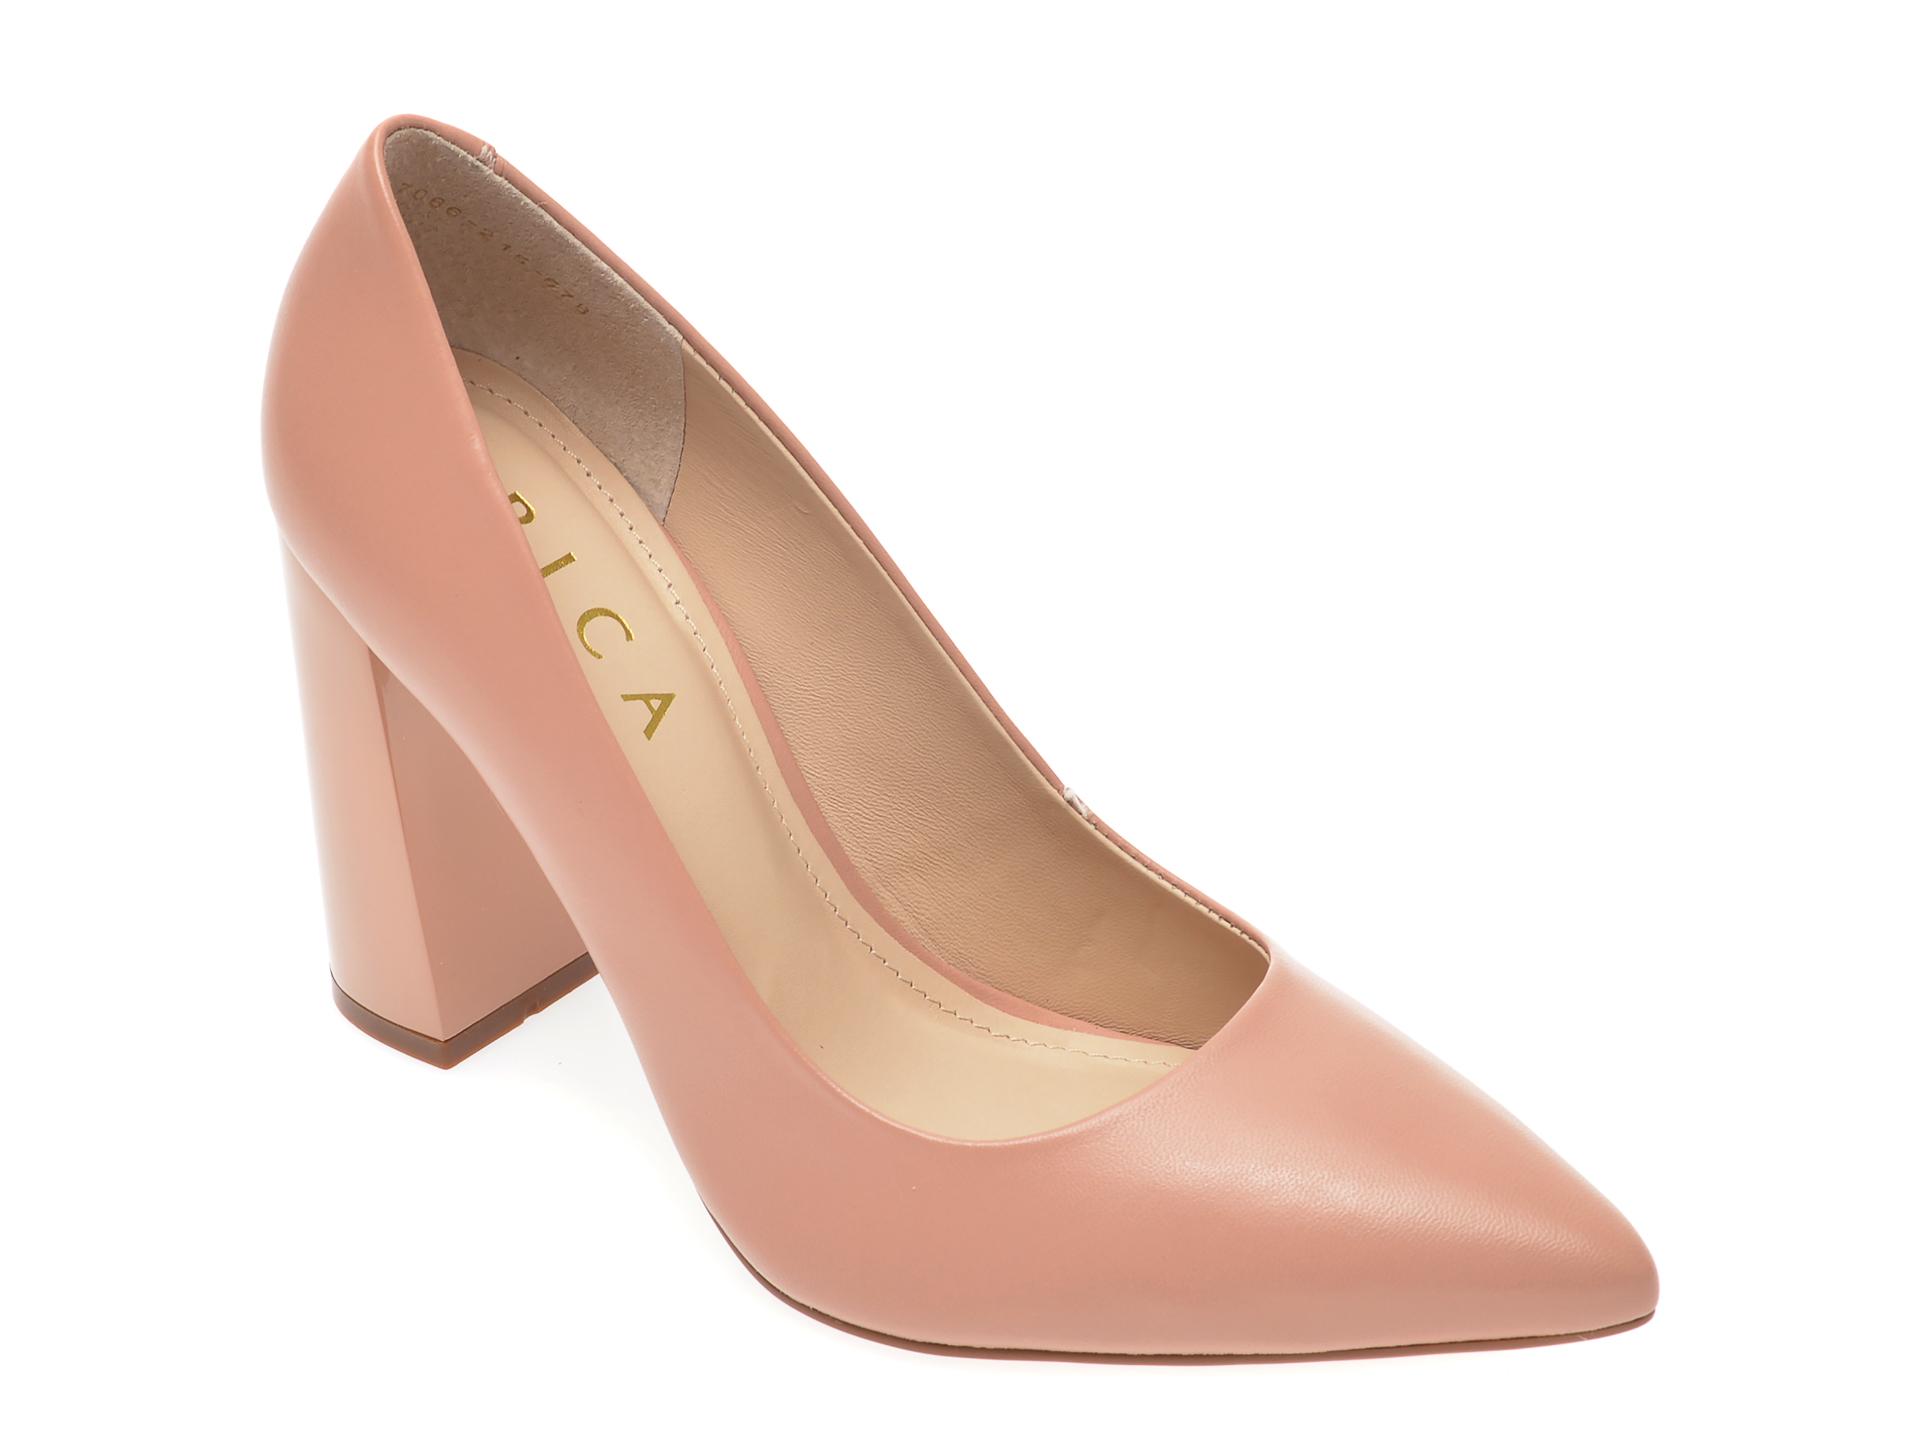 Pantofi EPICA nude, 7066215, din piele naturala